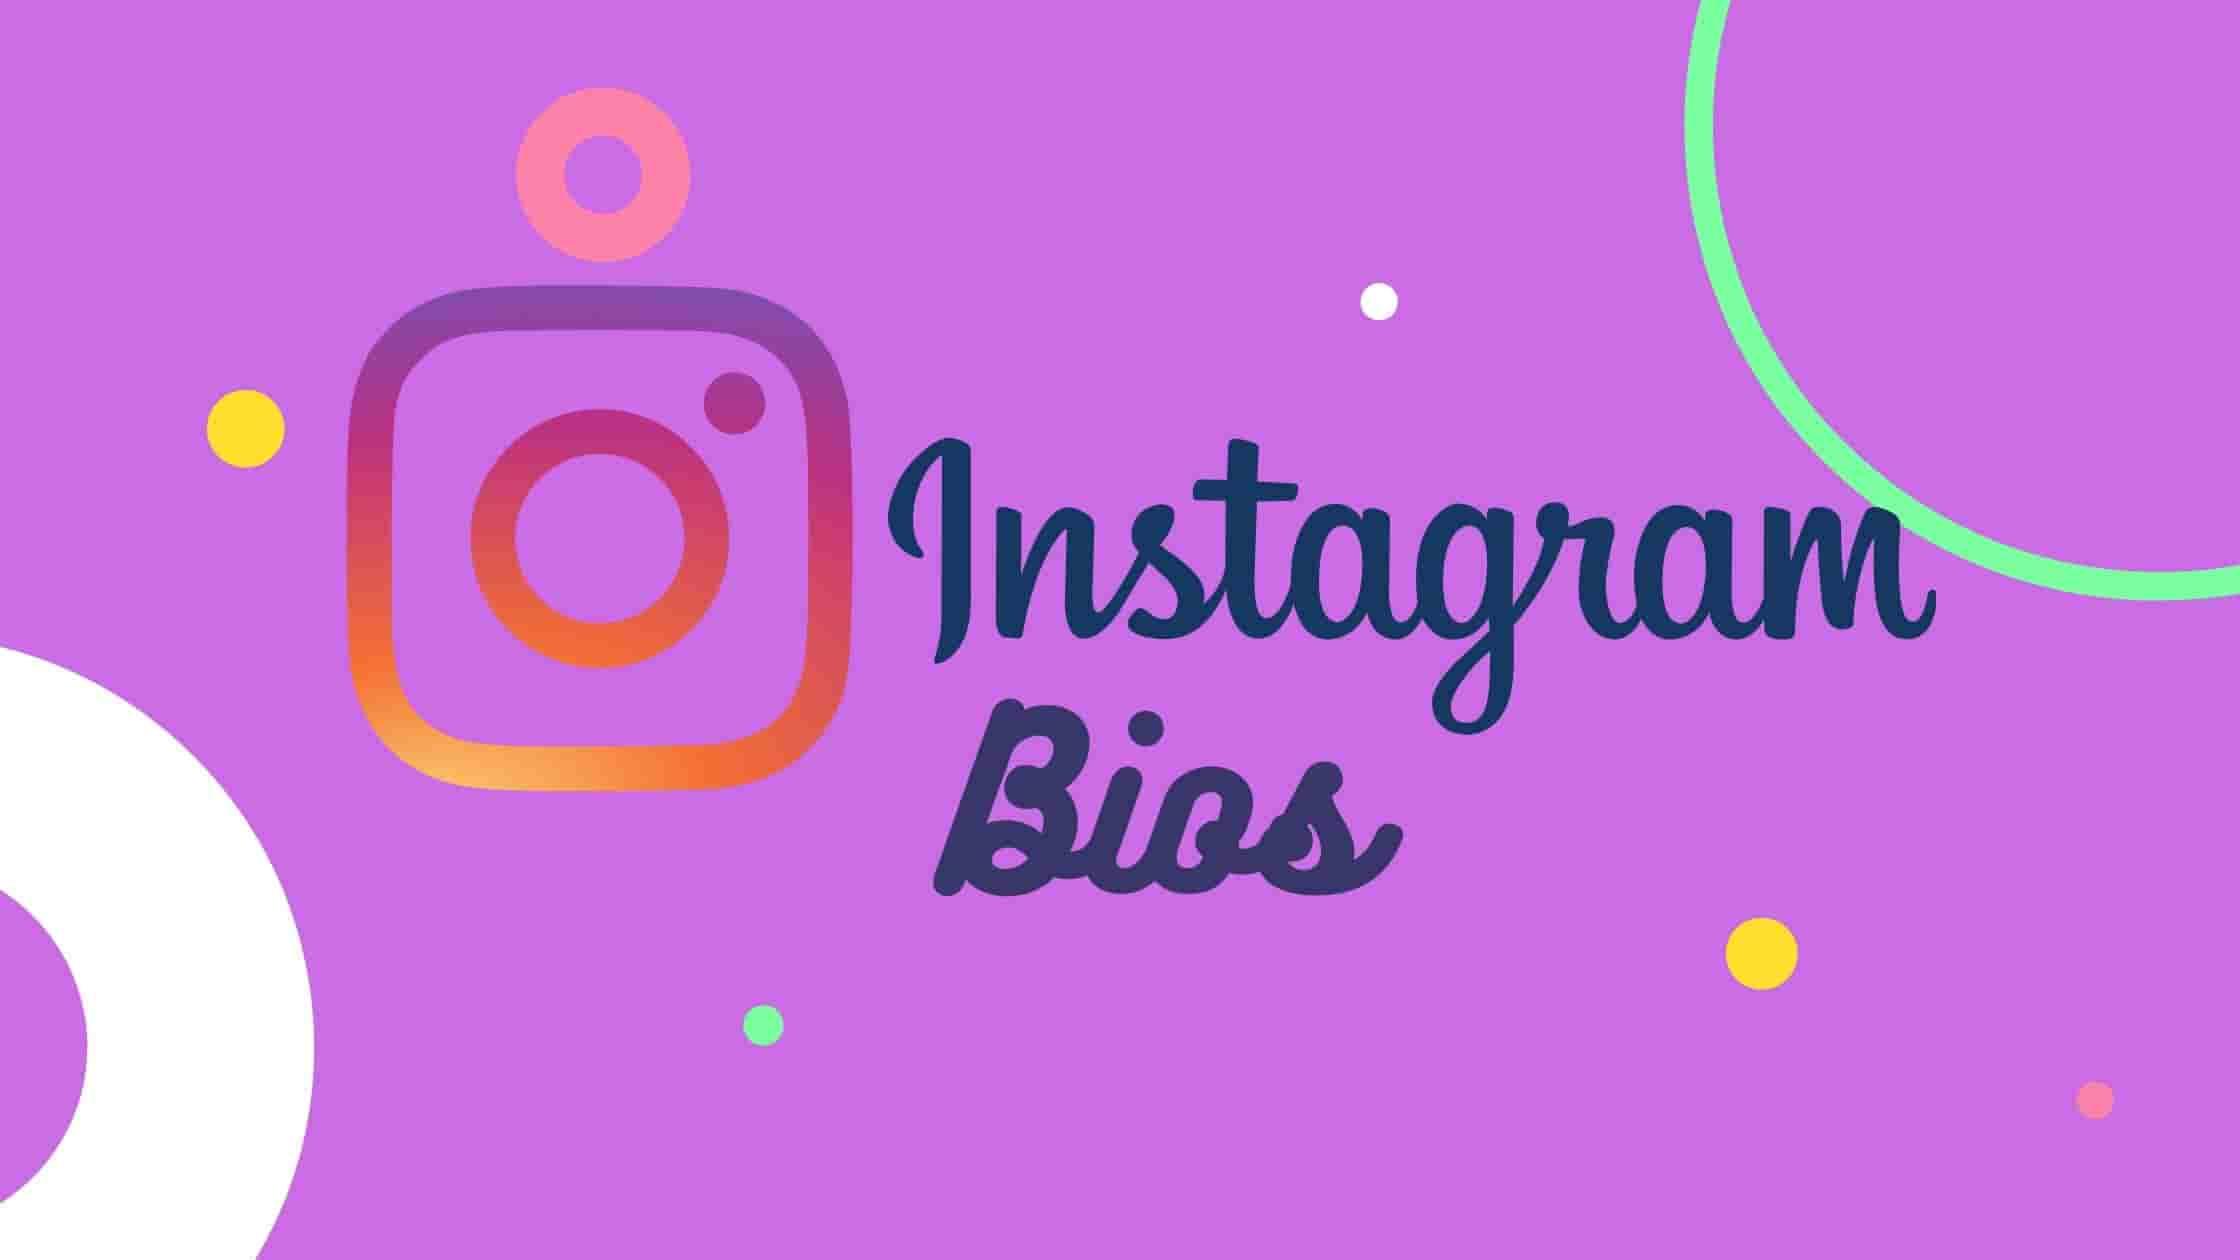 Instagram Bio ideas